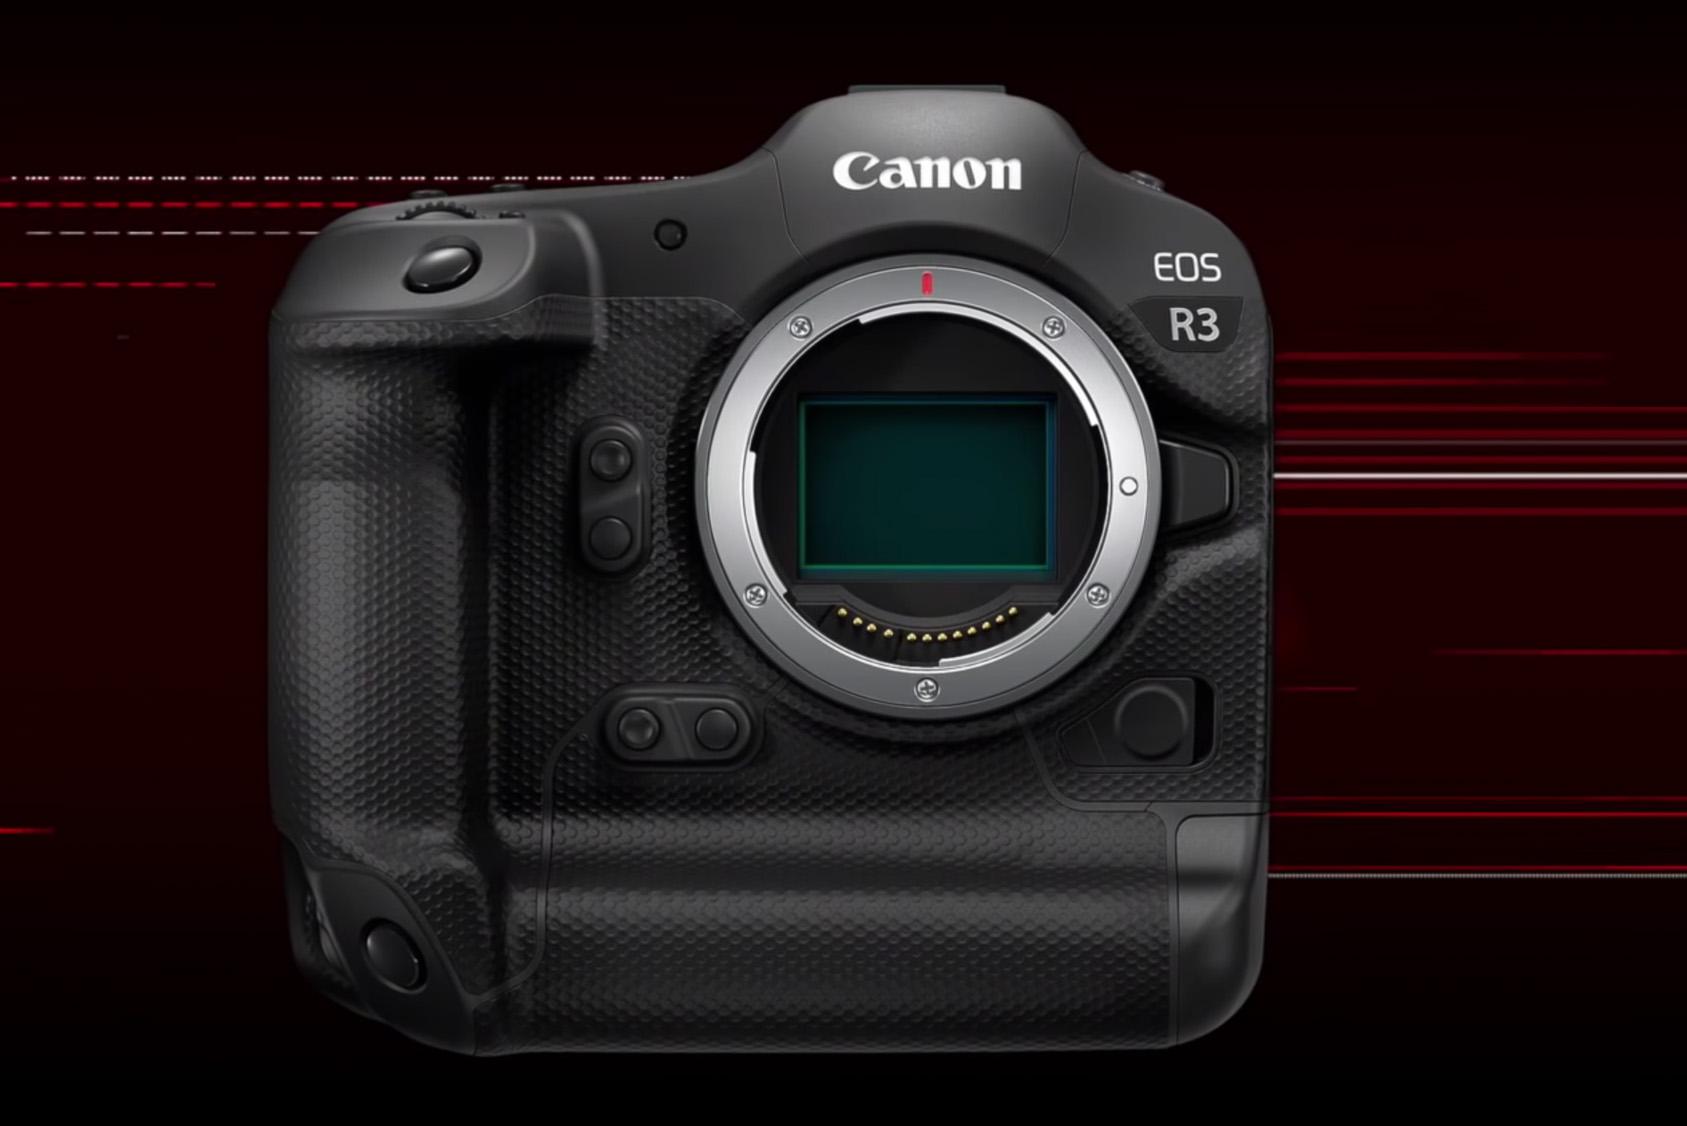 Canpn EOS R3